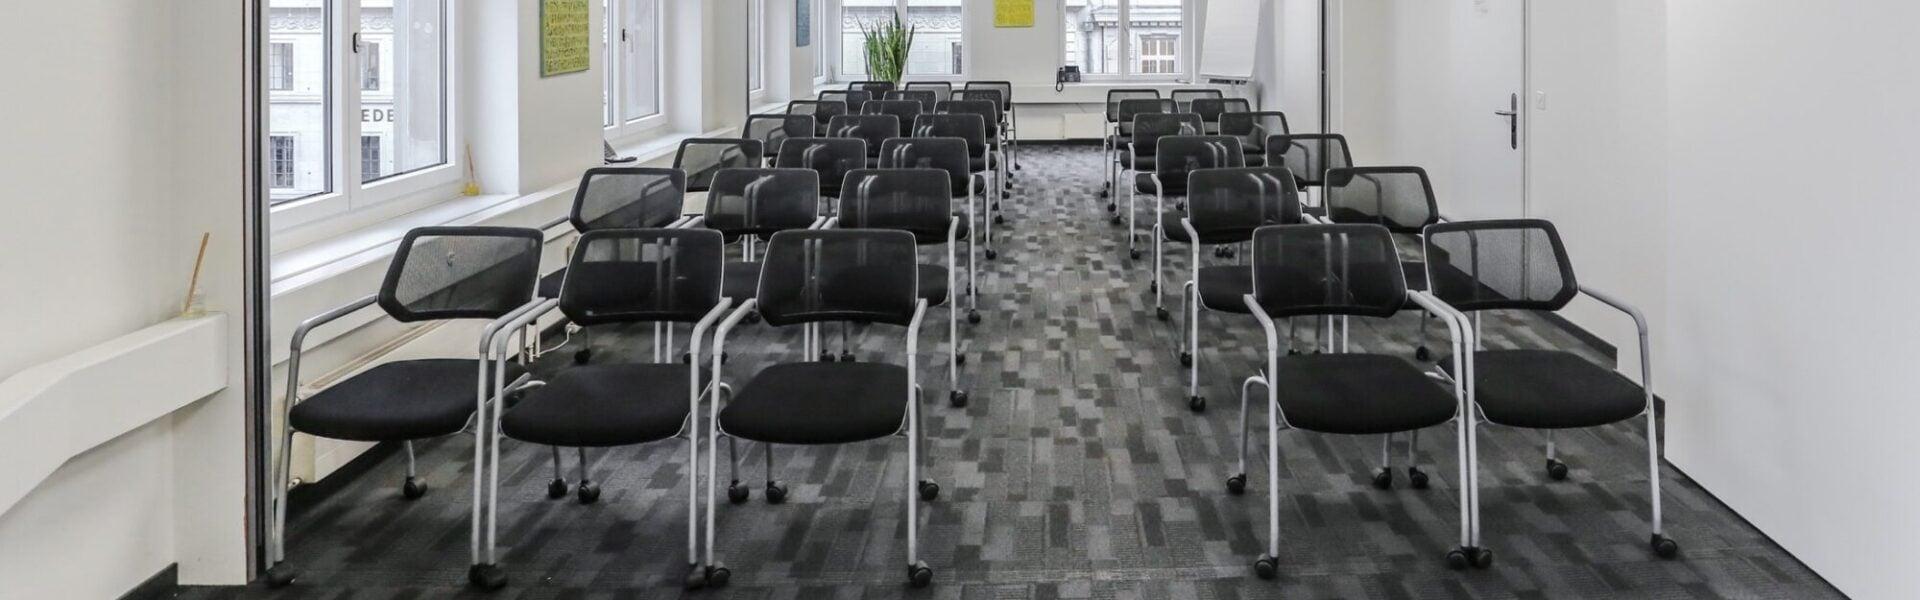 Seminar-Room-Zurich